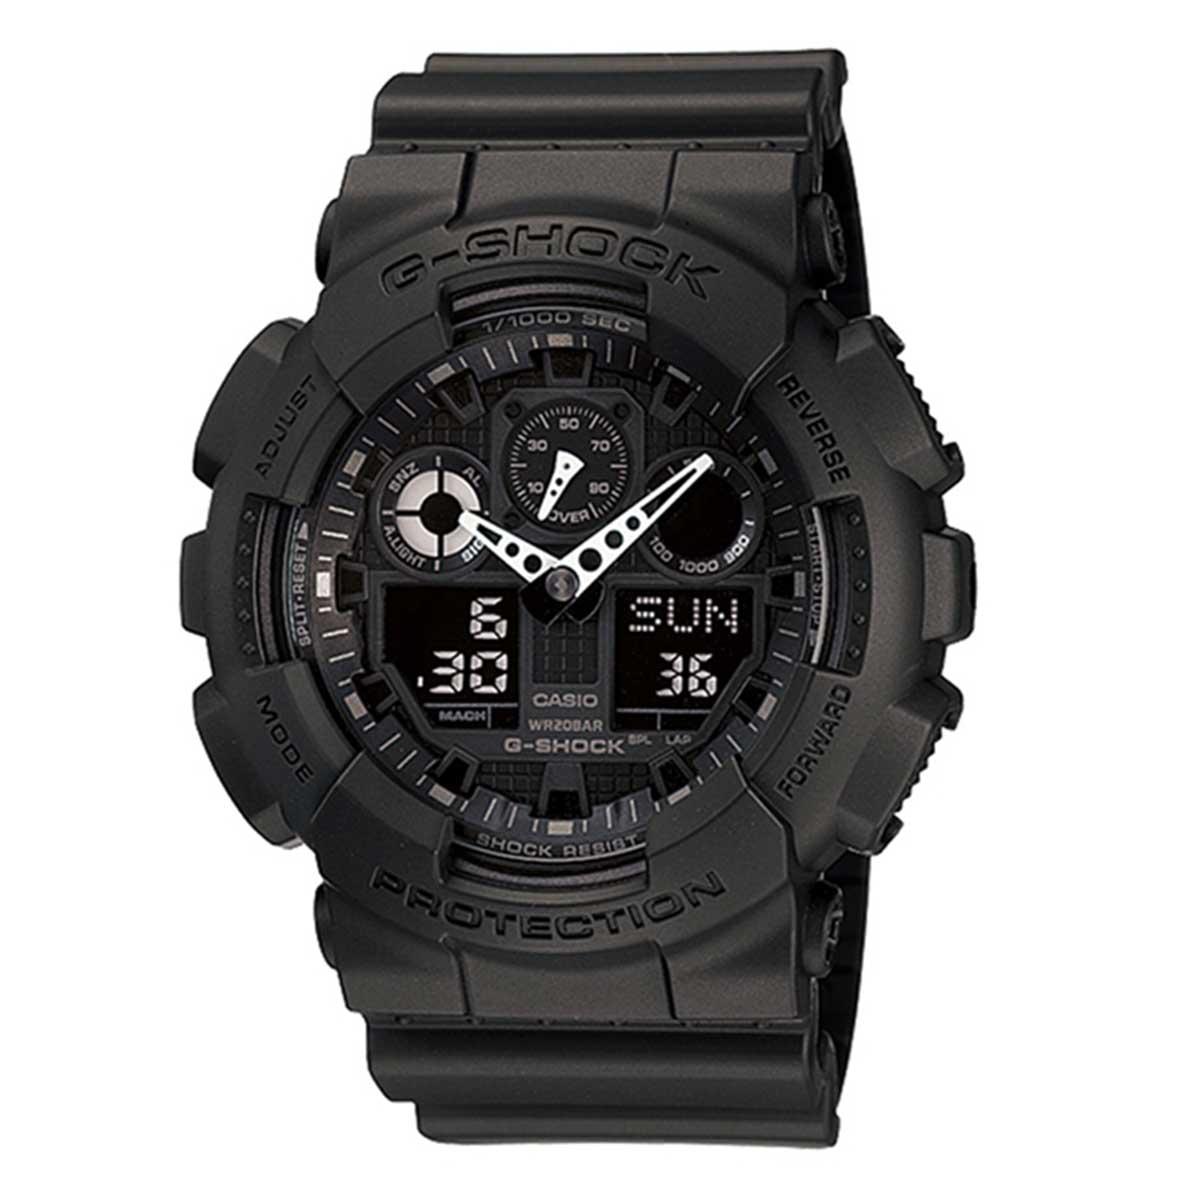 Relógio de Pulso Masculino Casio G-Shock GA-100-1A1DR - Preto